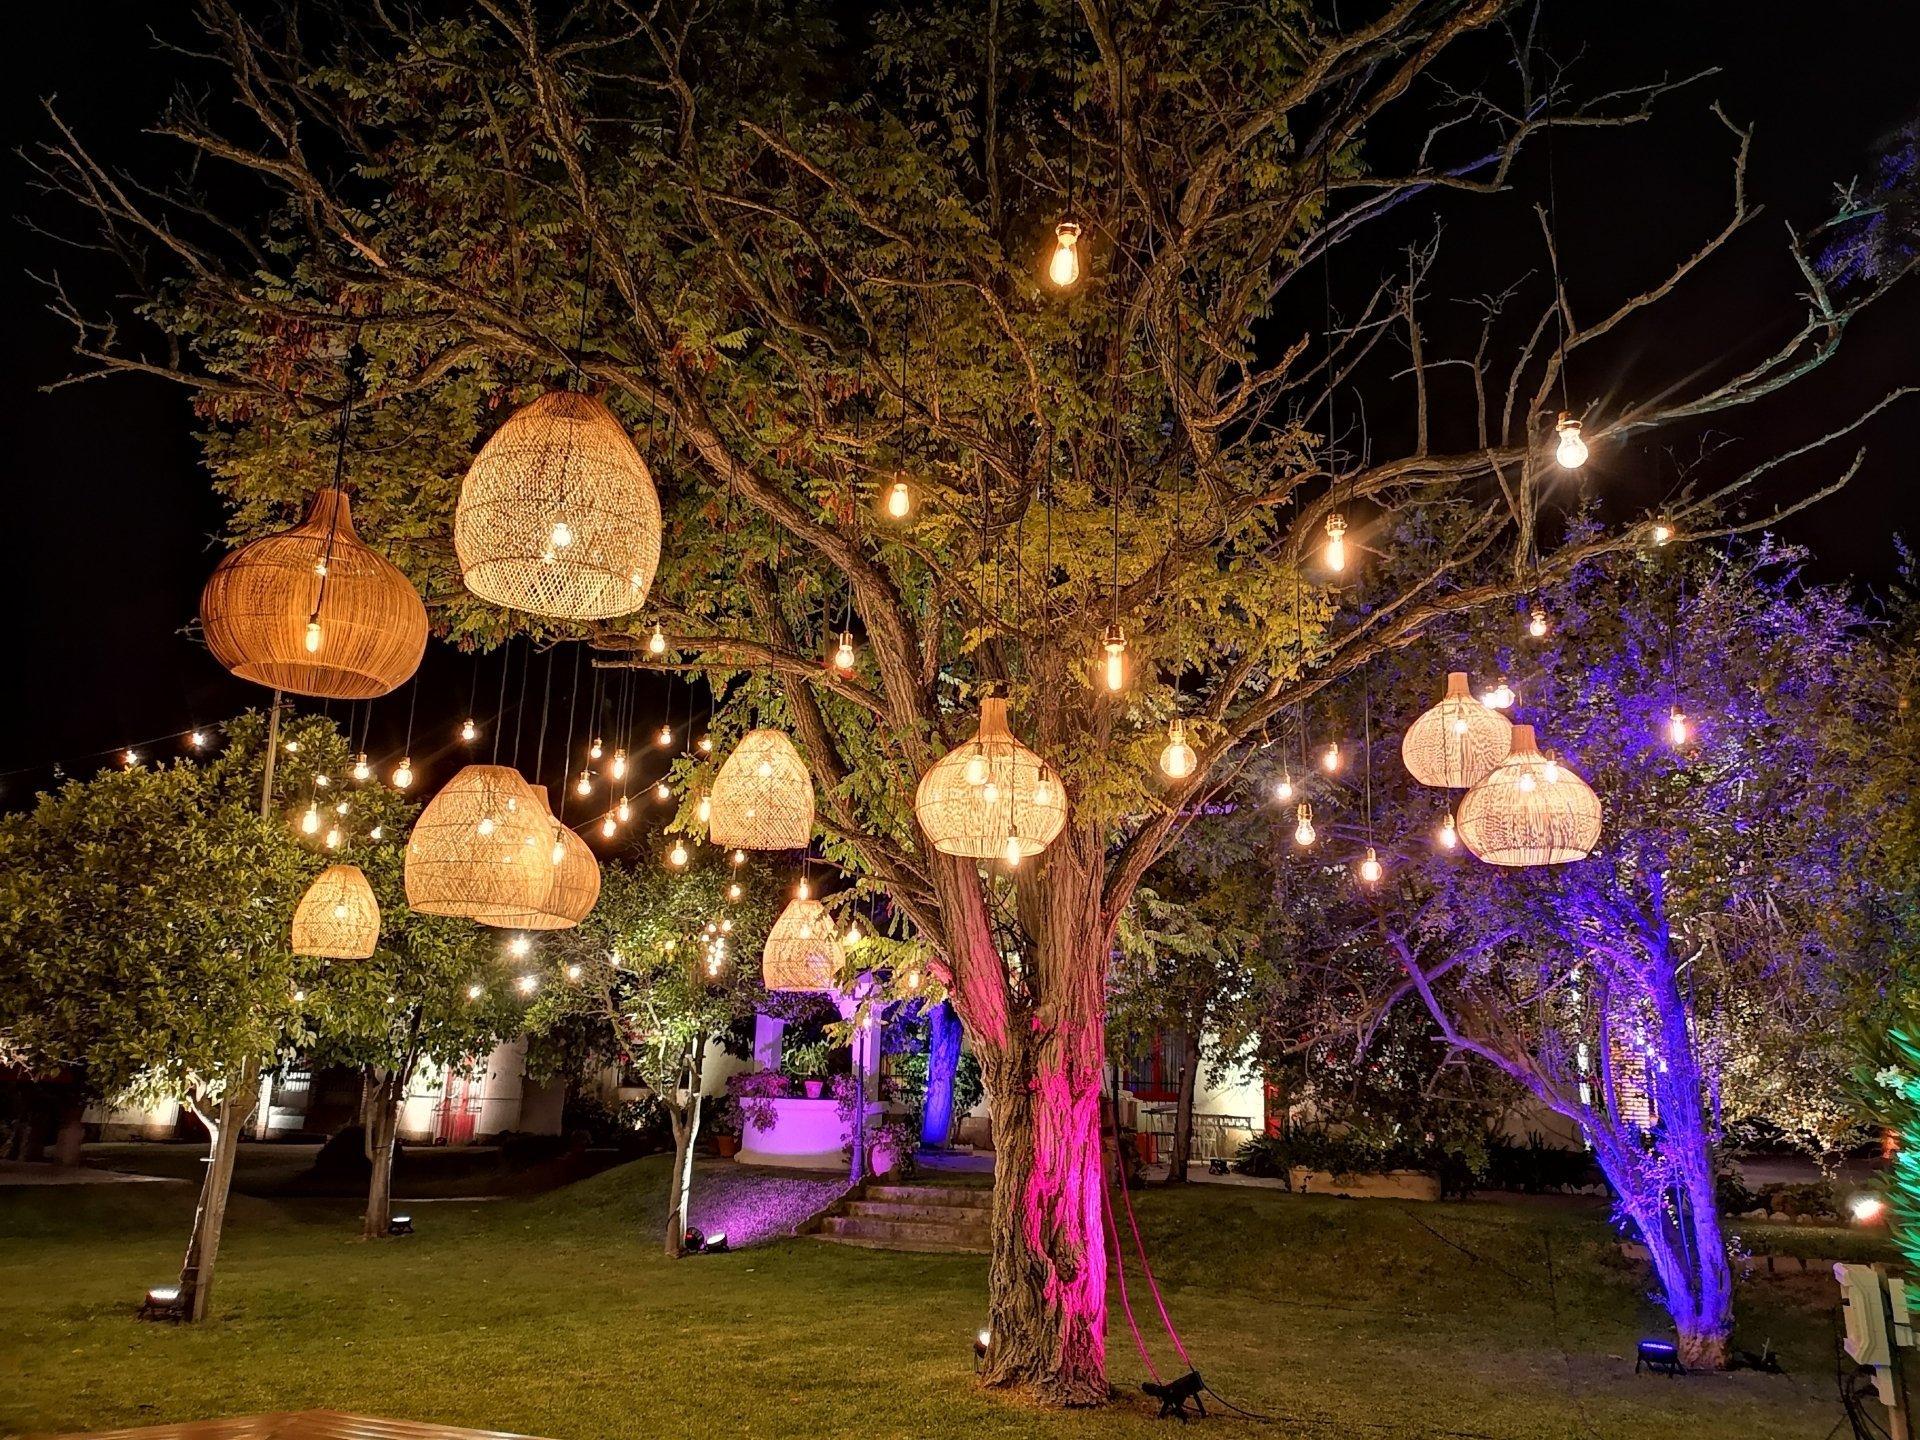 arbol con lamparas y bombillas